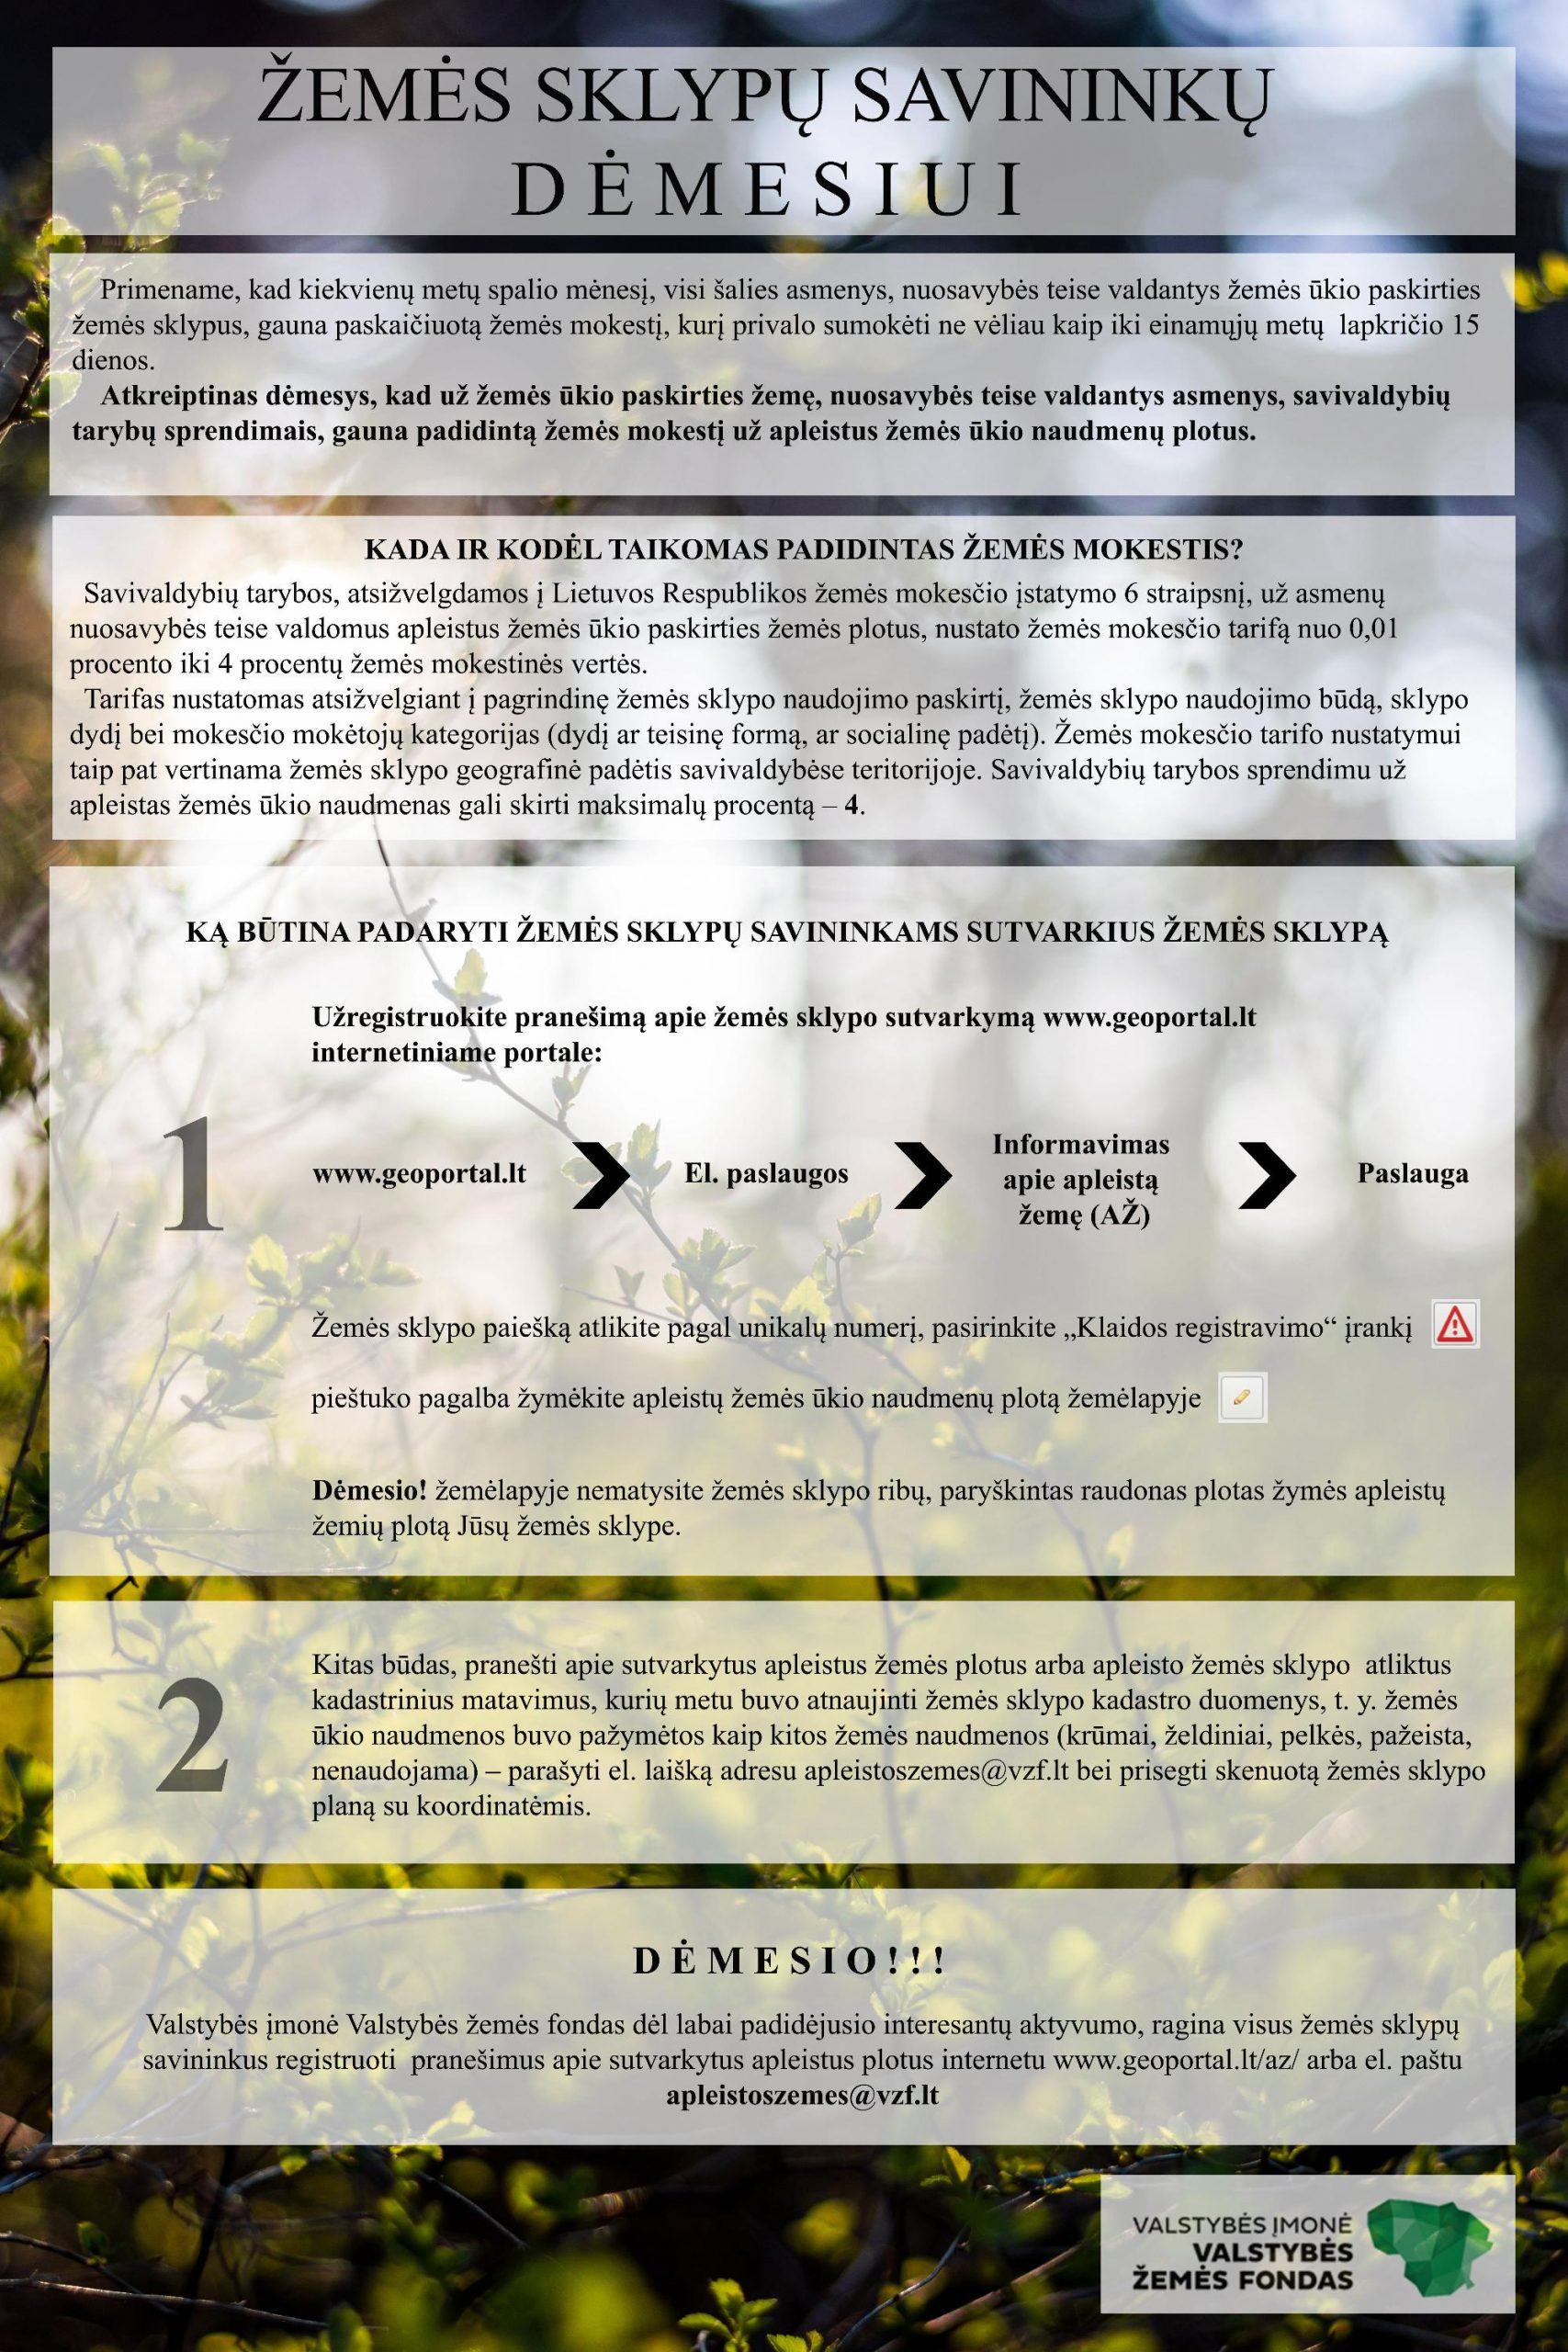 VŽF informacija žemės sklypų savininkams